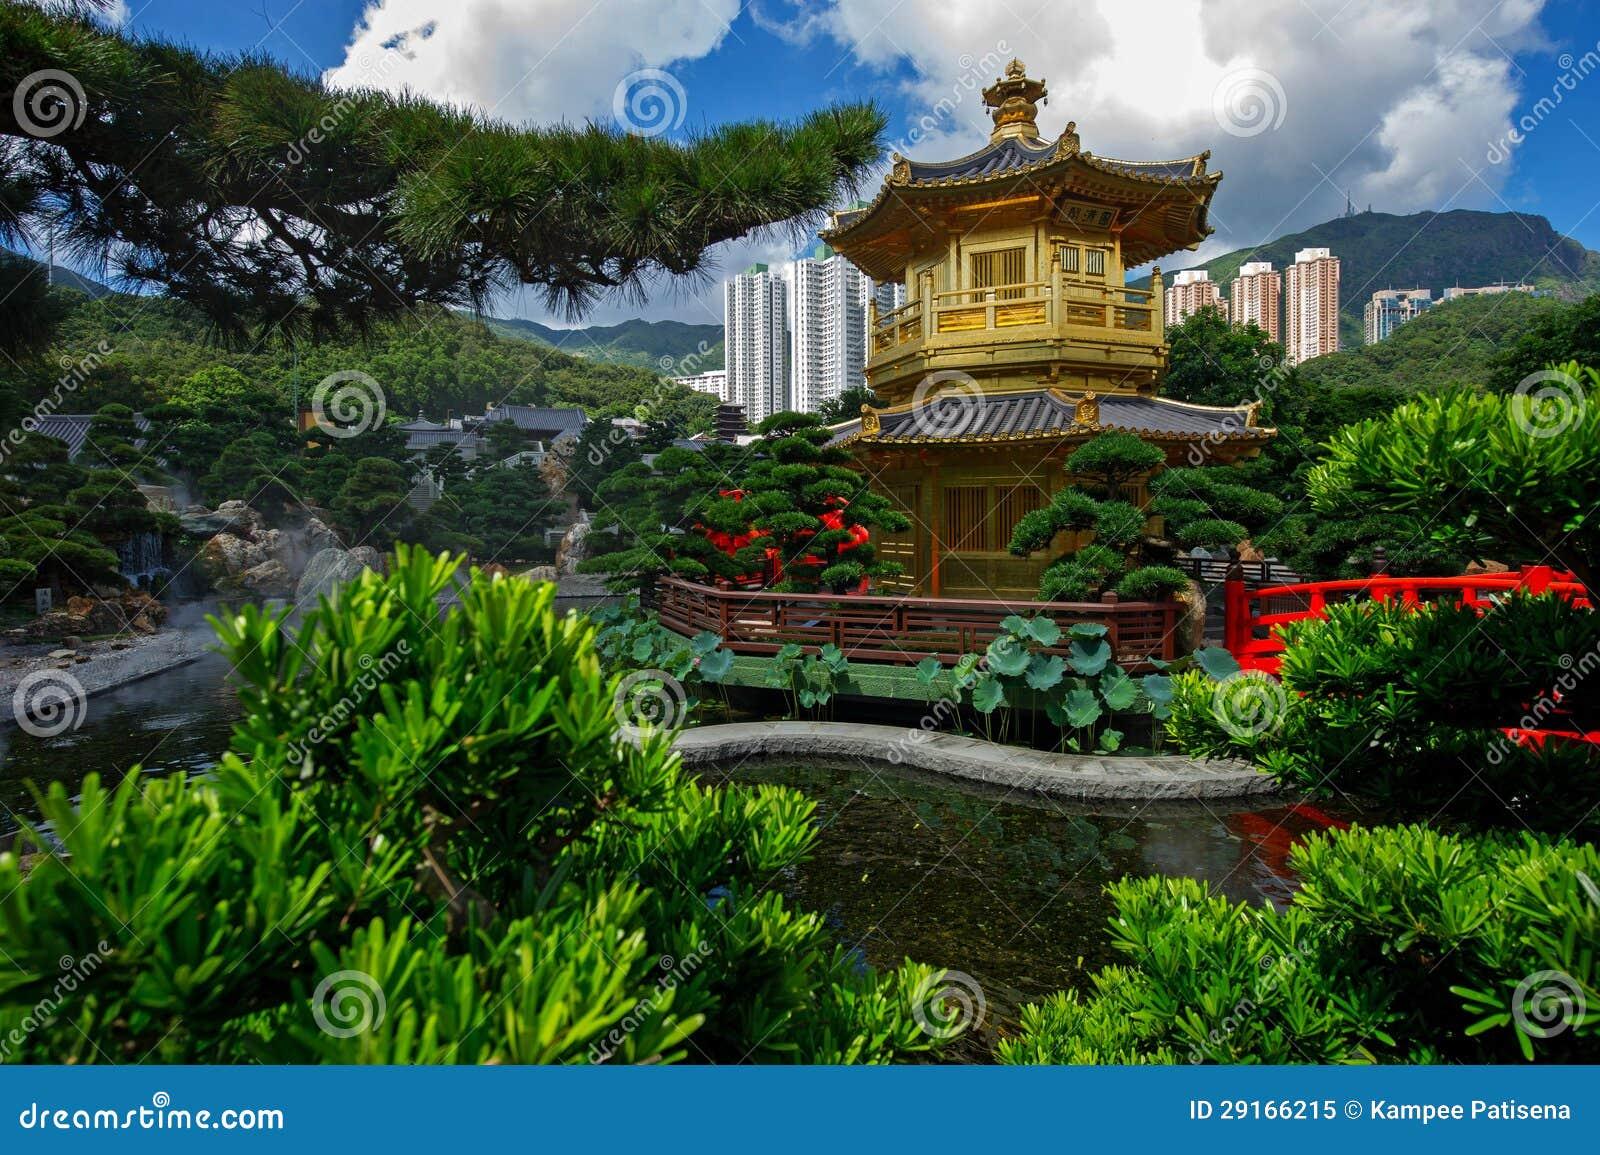 Overspan brug en paviljoen in de tuin van nan lian hong kong stock afbeelding afbeelding - Tuin decoratie buitenkant ...